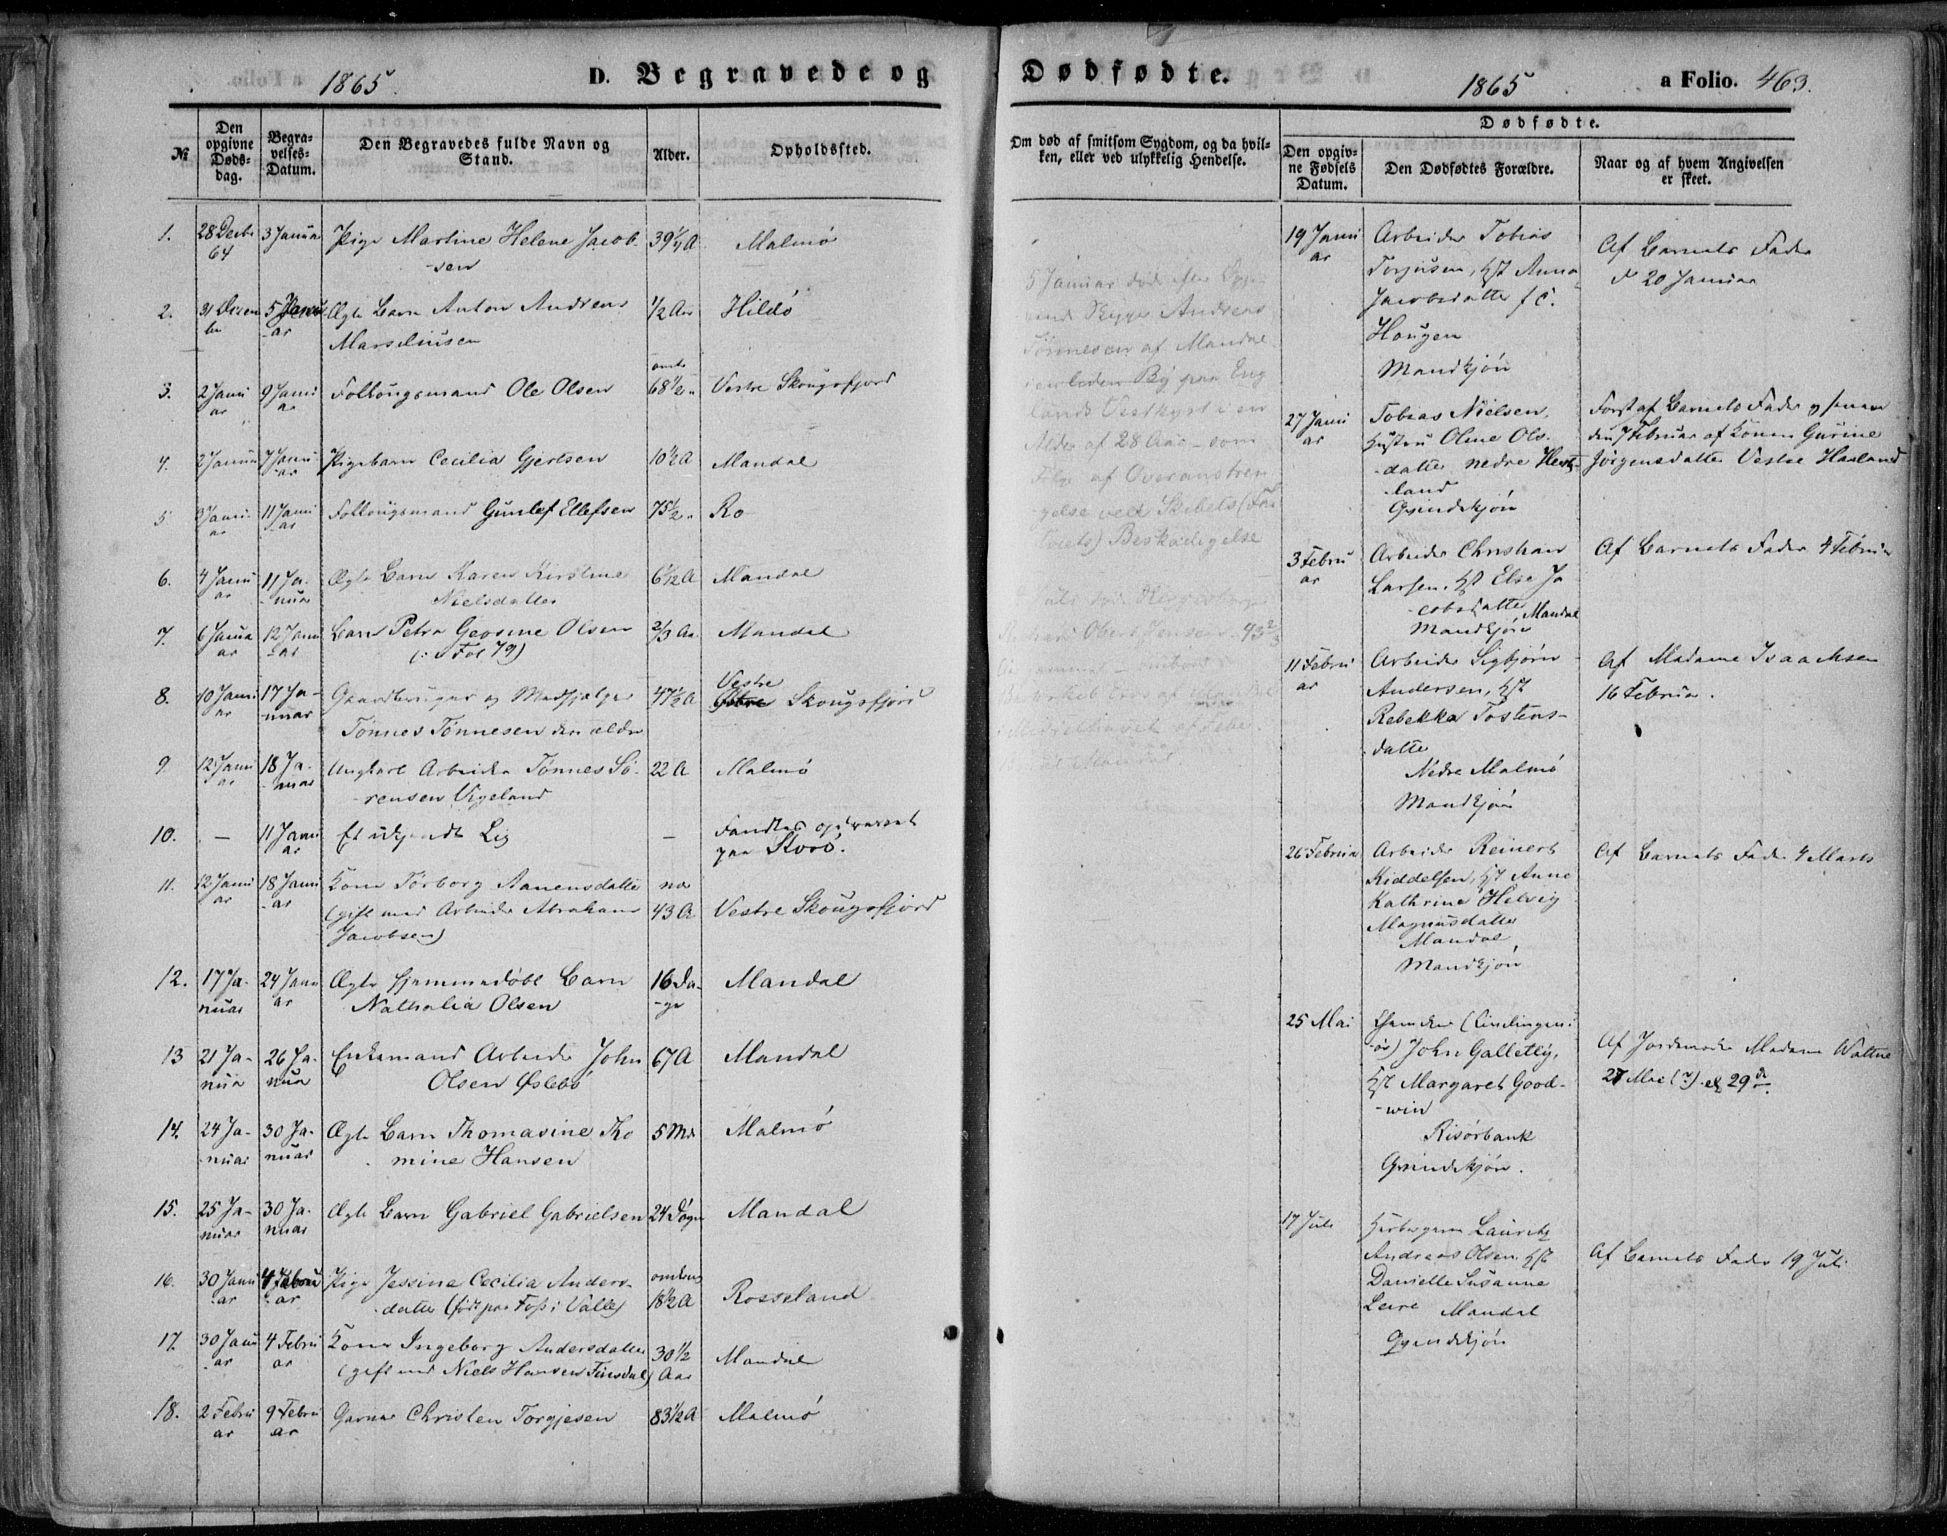 SAK, Mandal sokneprestkontor, F/Fa/Faa/L0014: Ministerialbok nr. A 14, 1859-1872, s. 463